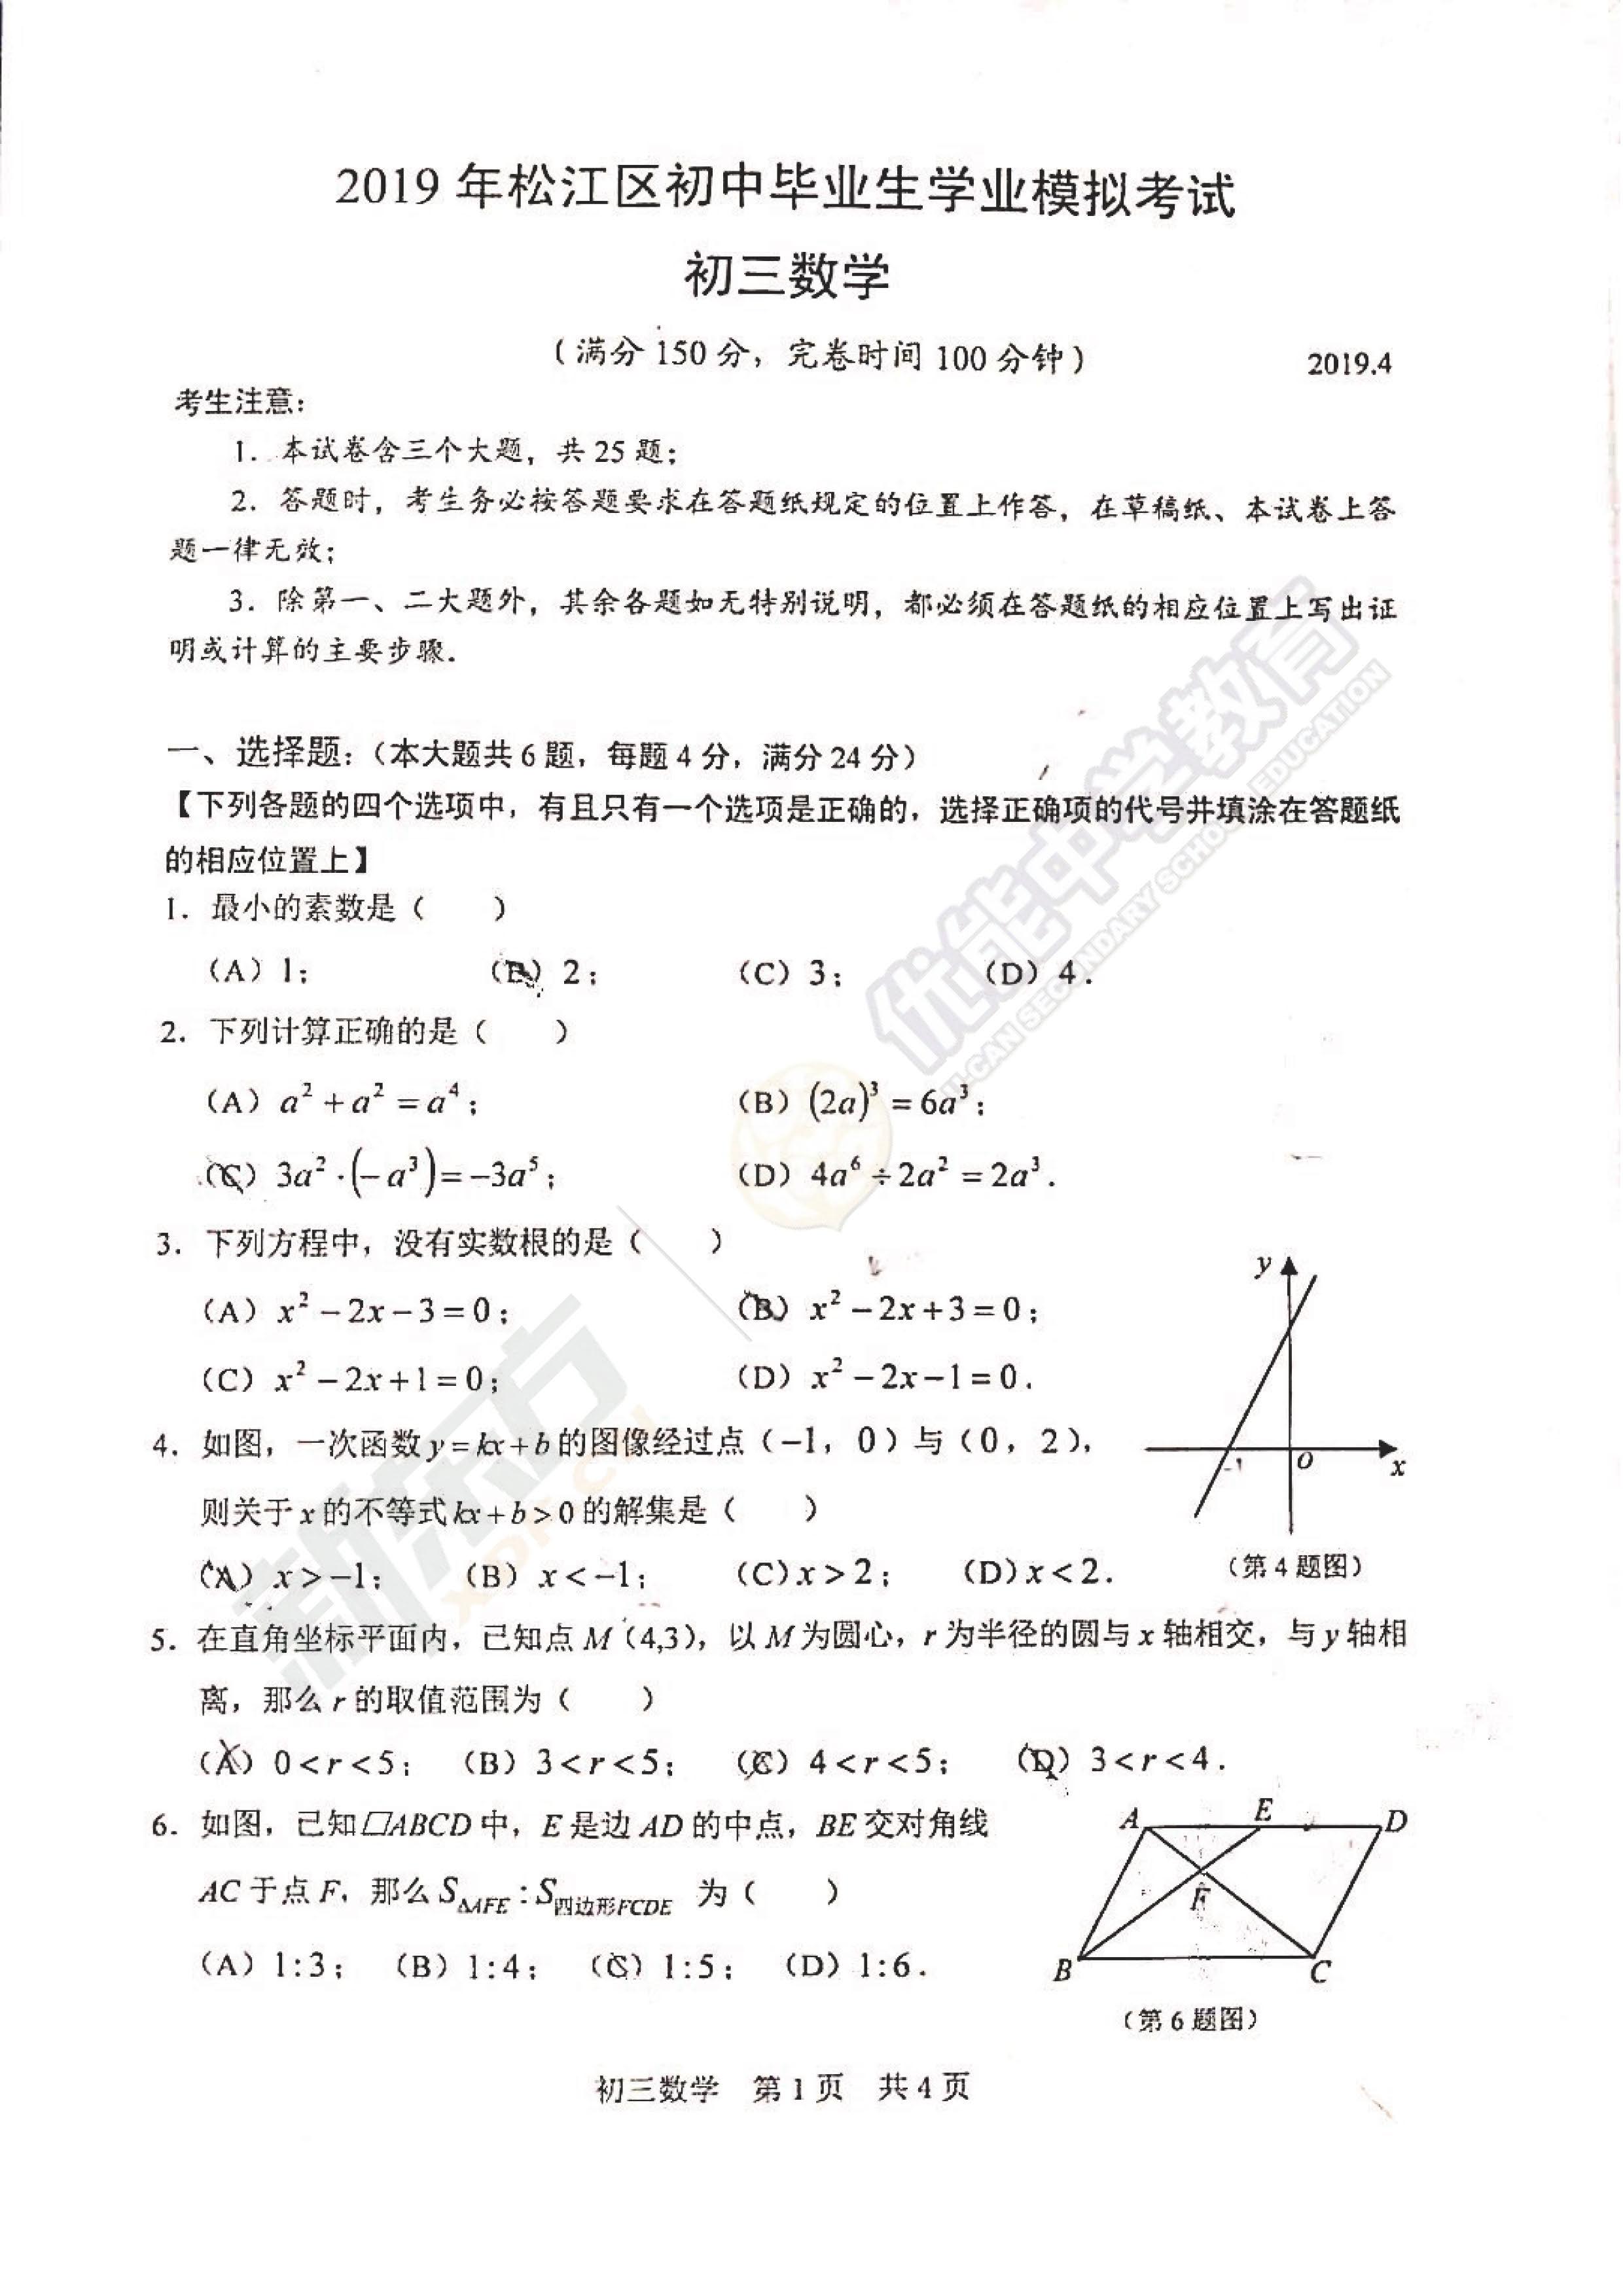 2019上海松江中考二模數學試題及答案